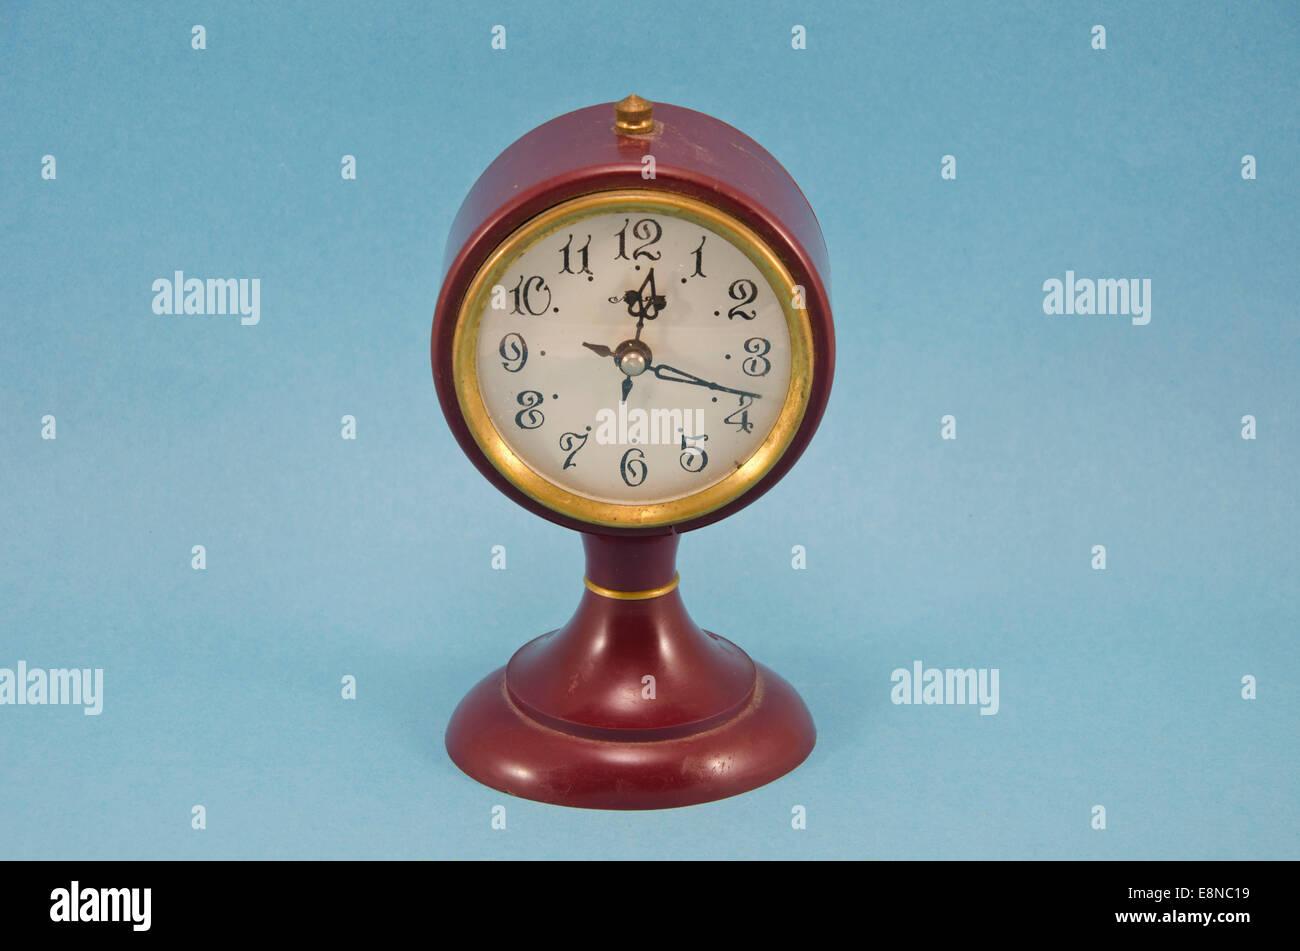 Antique Design Stock Photos & Antique Design Stock Images - Alamy